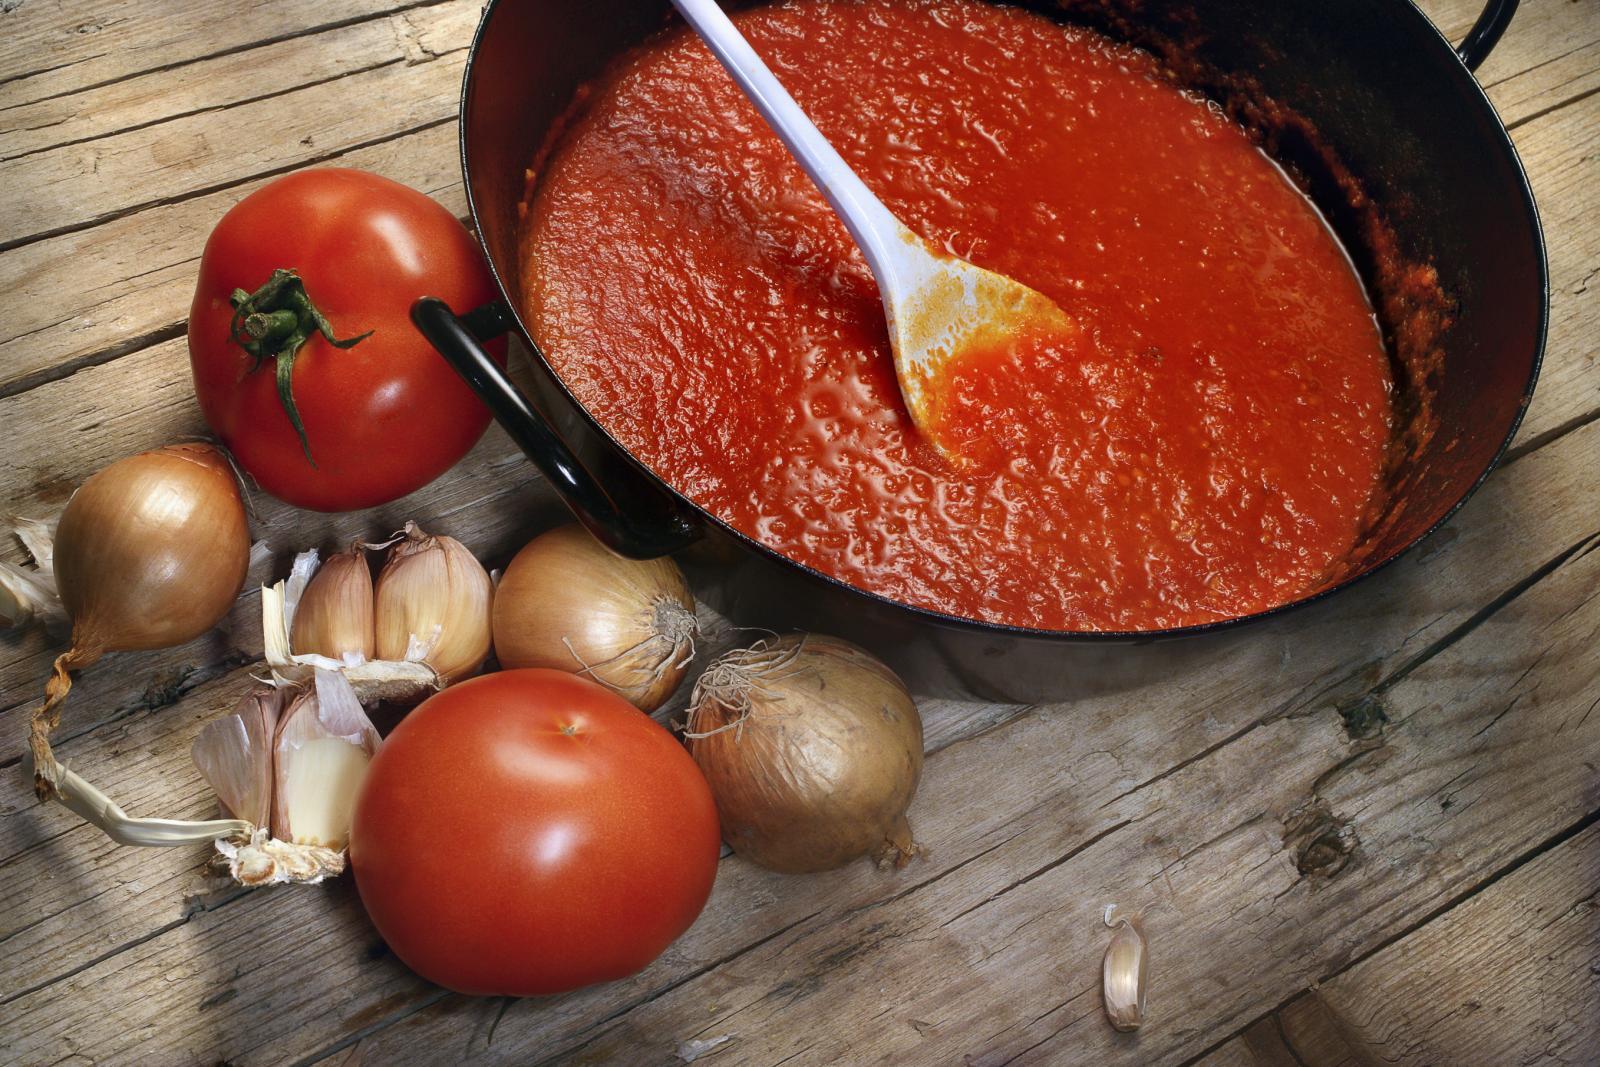 I naše bake su rado spremale rajčice za zimu.